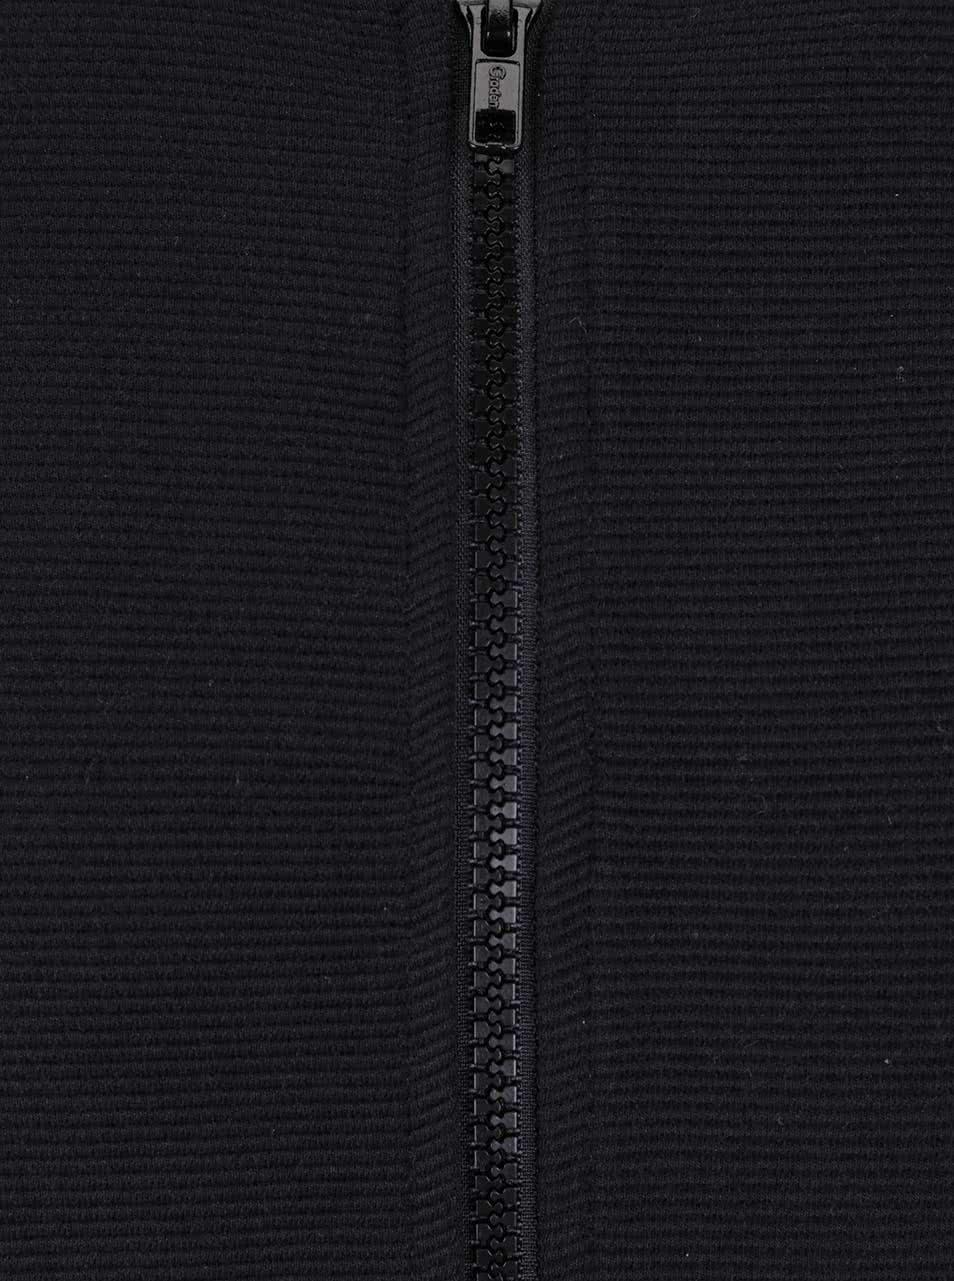 Černá pánská mikina na zip bez kapuce Broadway Neely ... b7e021520f